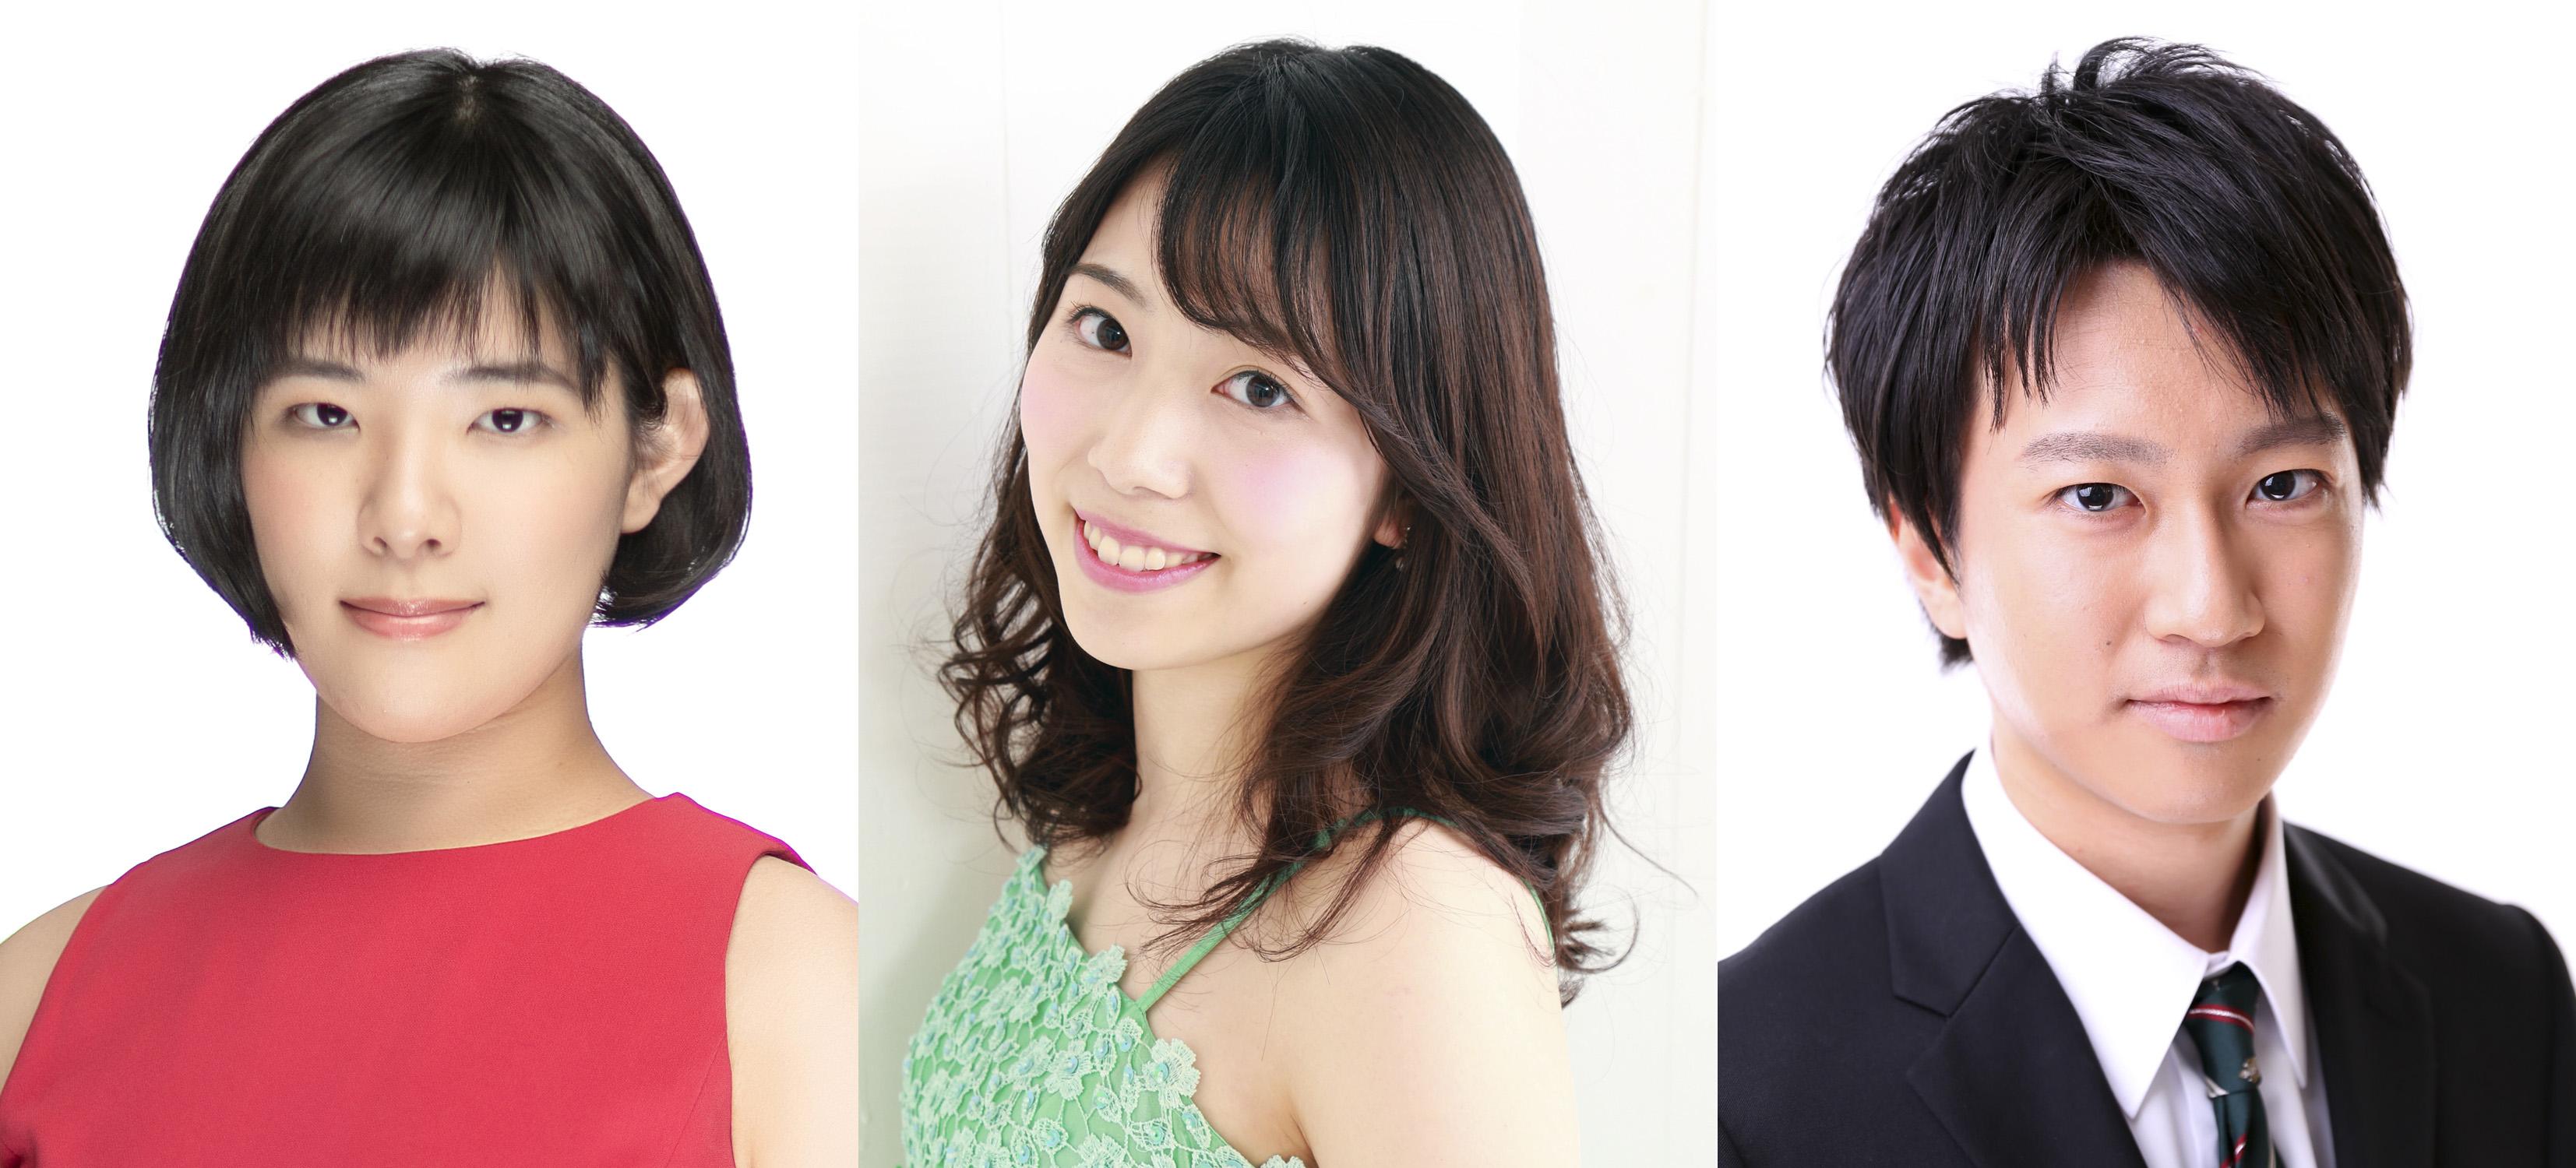 今井 理子 & 東海林 茉奈 & 京増 修史 ピアノ・ジョイントリサイタル